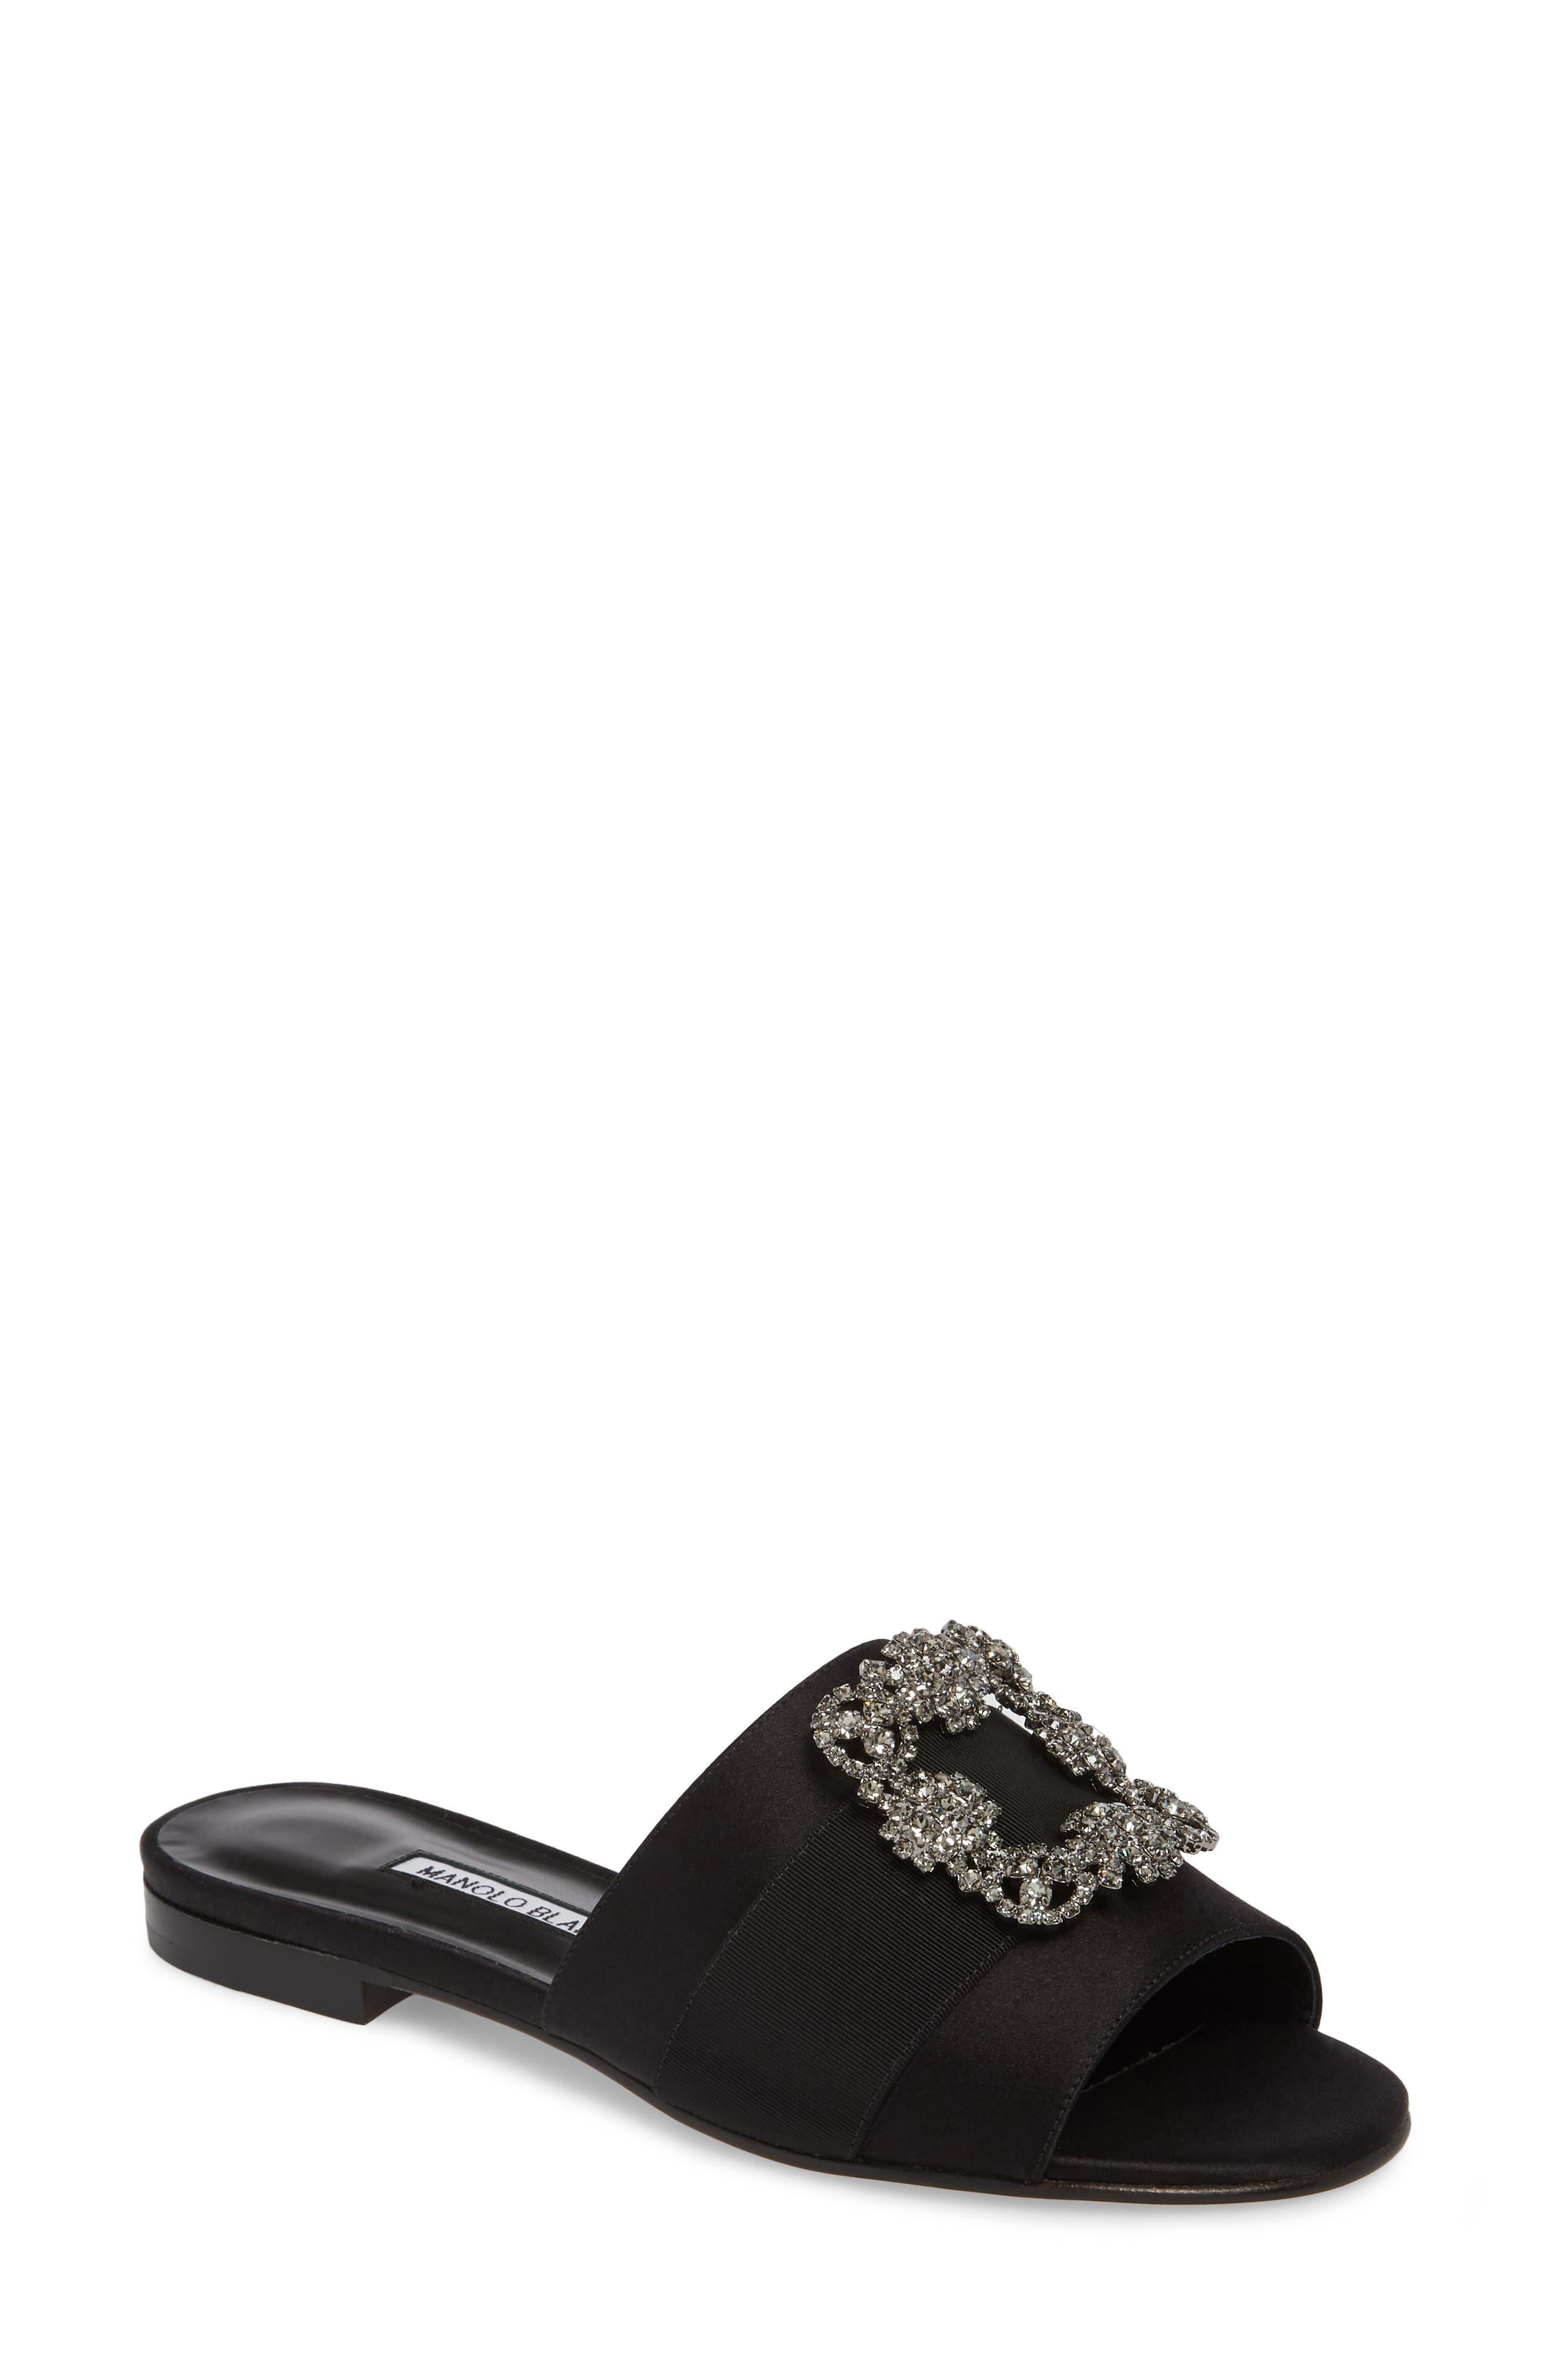 Martamod Crystal Embellished Slide Sandal,                             Main thumbnail 1, color,                             001